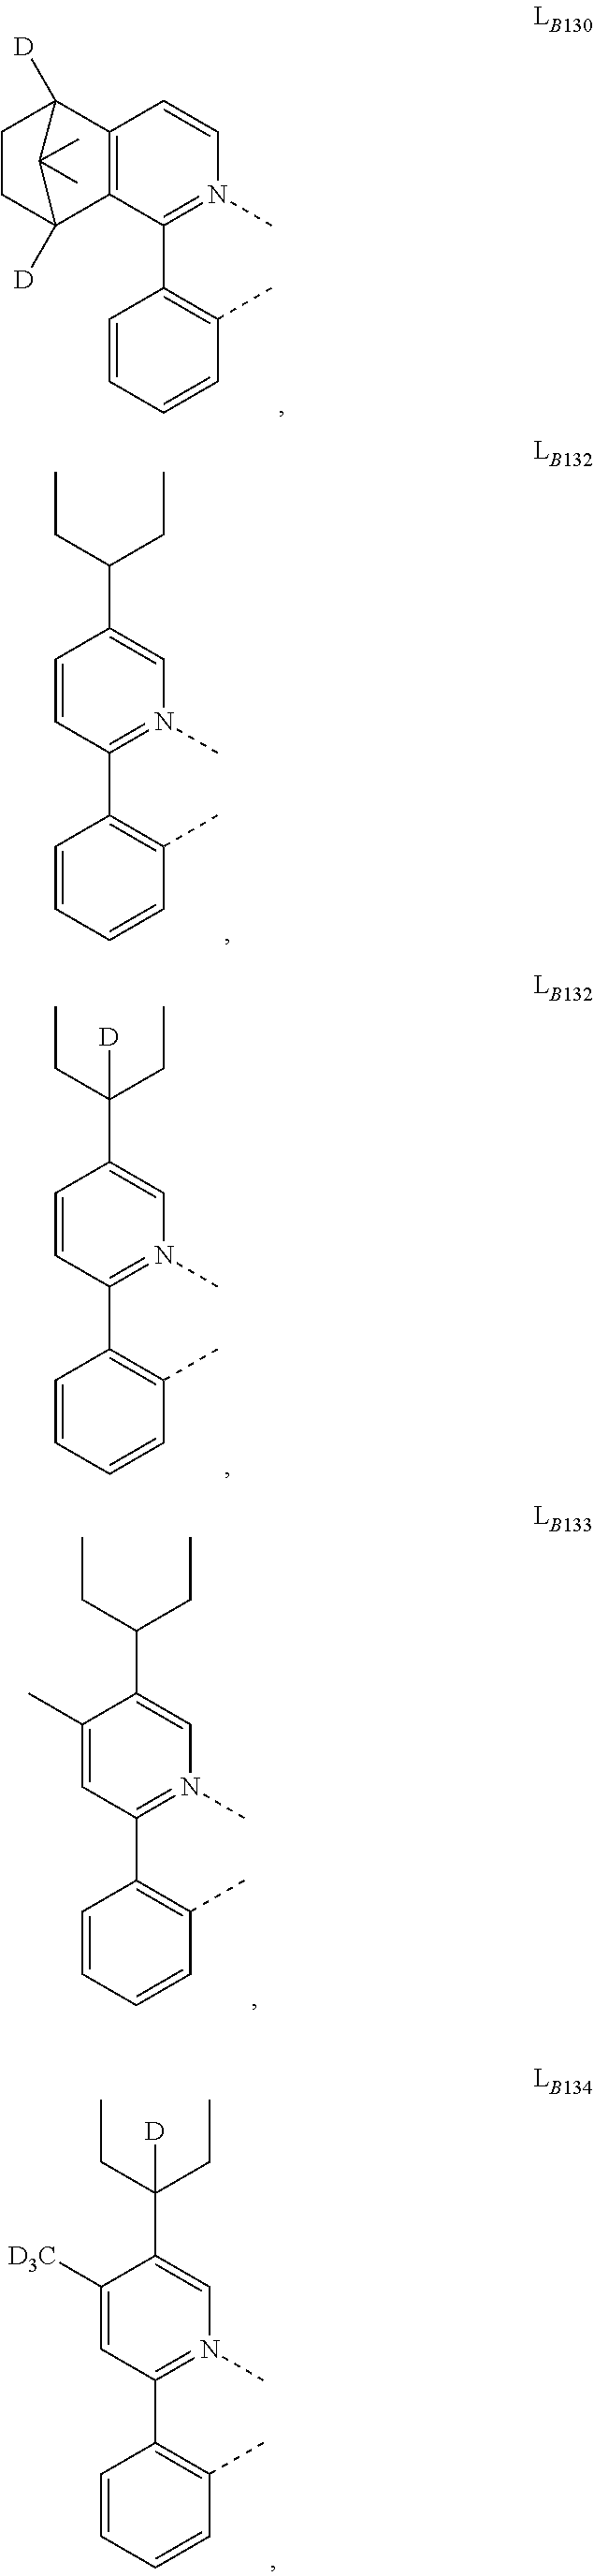 Figure US20160049599A1-20160218-C00523